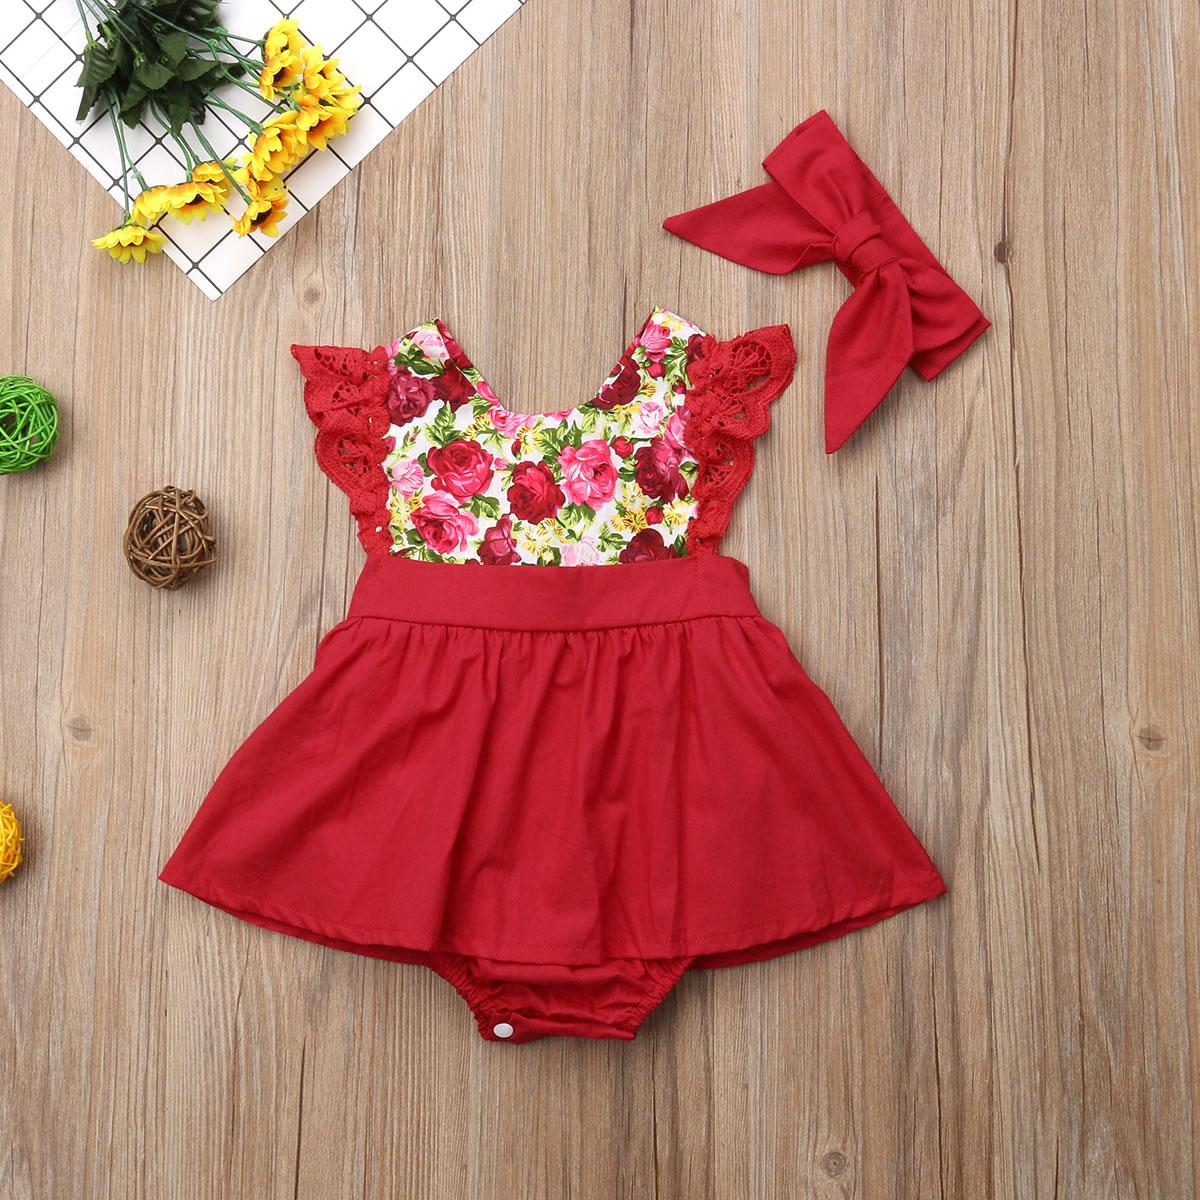 05e1eadf9 Pudcoco niño niña vestido 2018 nueva manga de encaje flor fósforo de ...